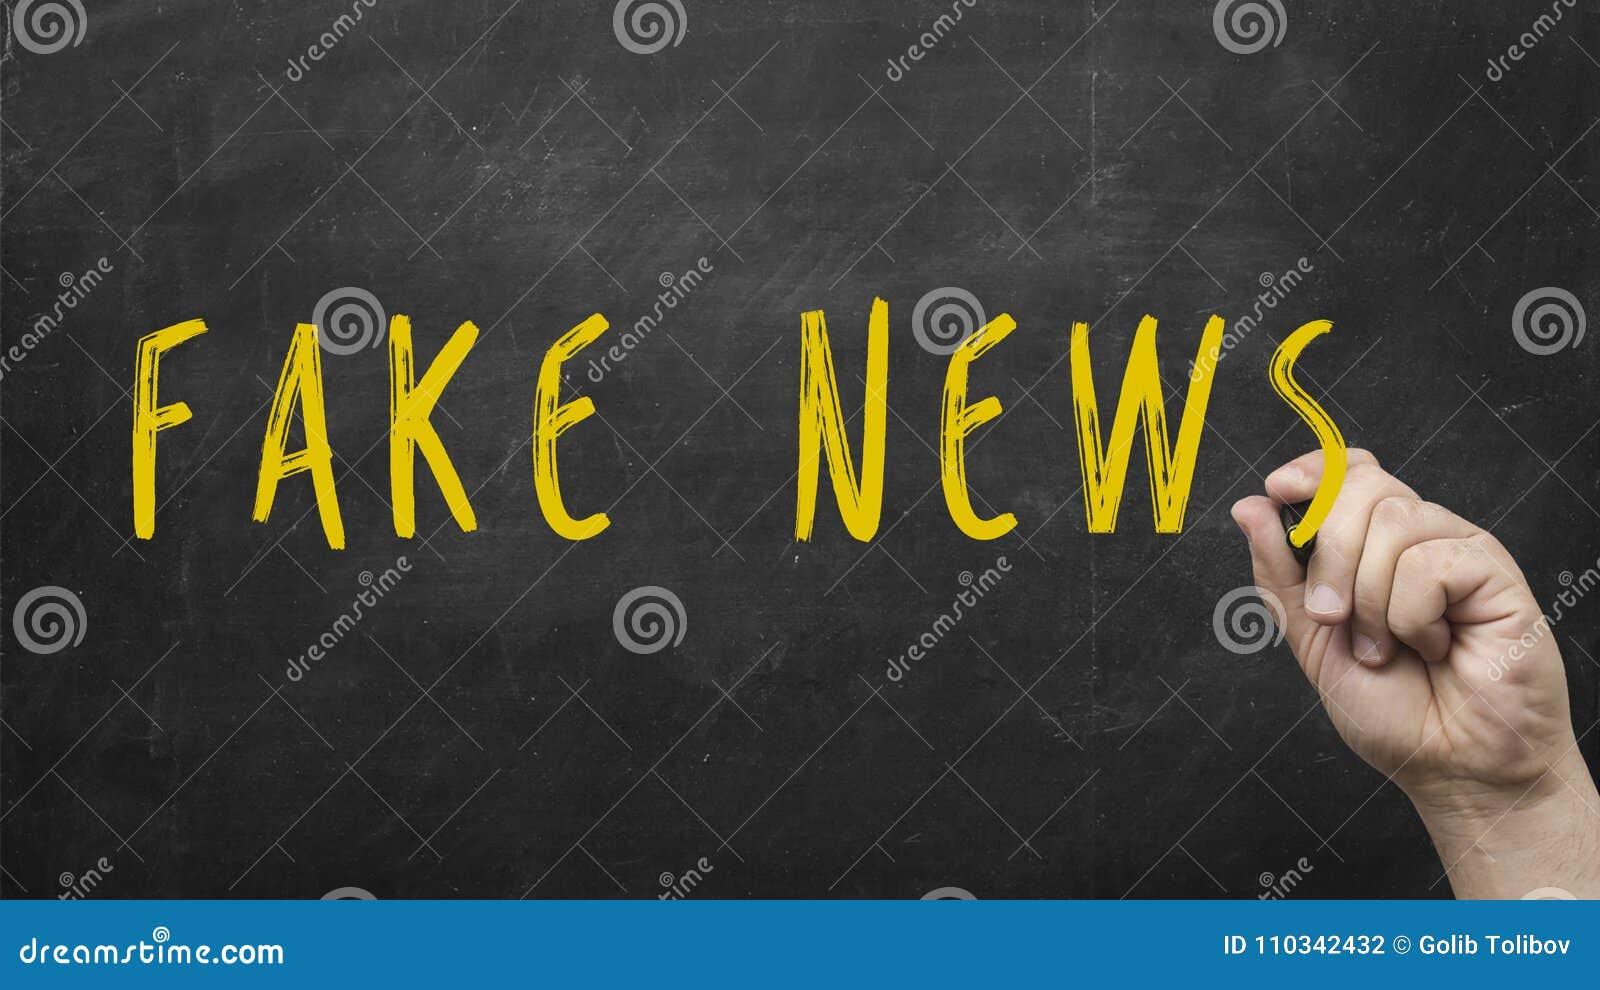 Męska ręka pisze słowom Sfałszowanej wiadomości na chalkboard jako przypomnienie być świadomy bajerowania i dezinformacja dla pro